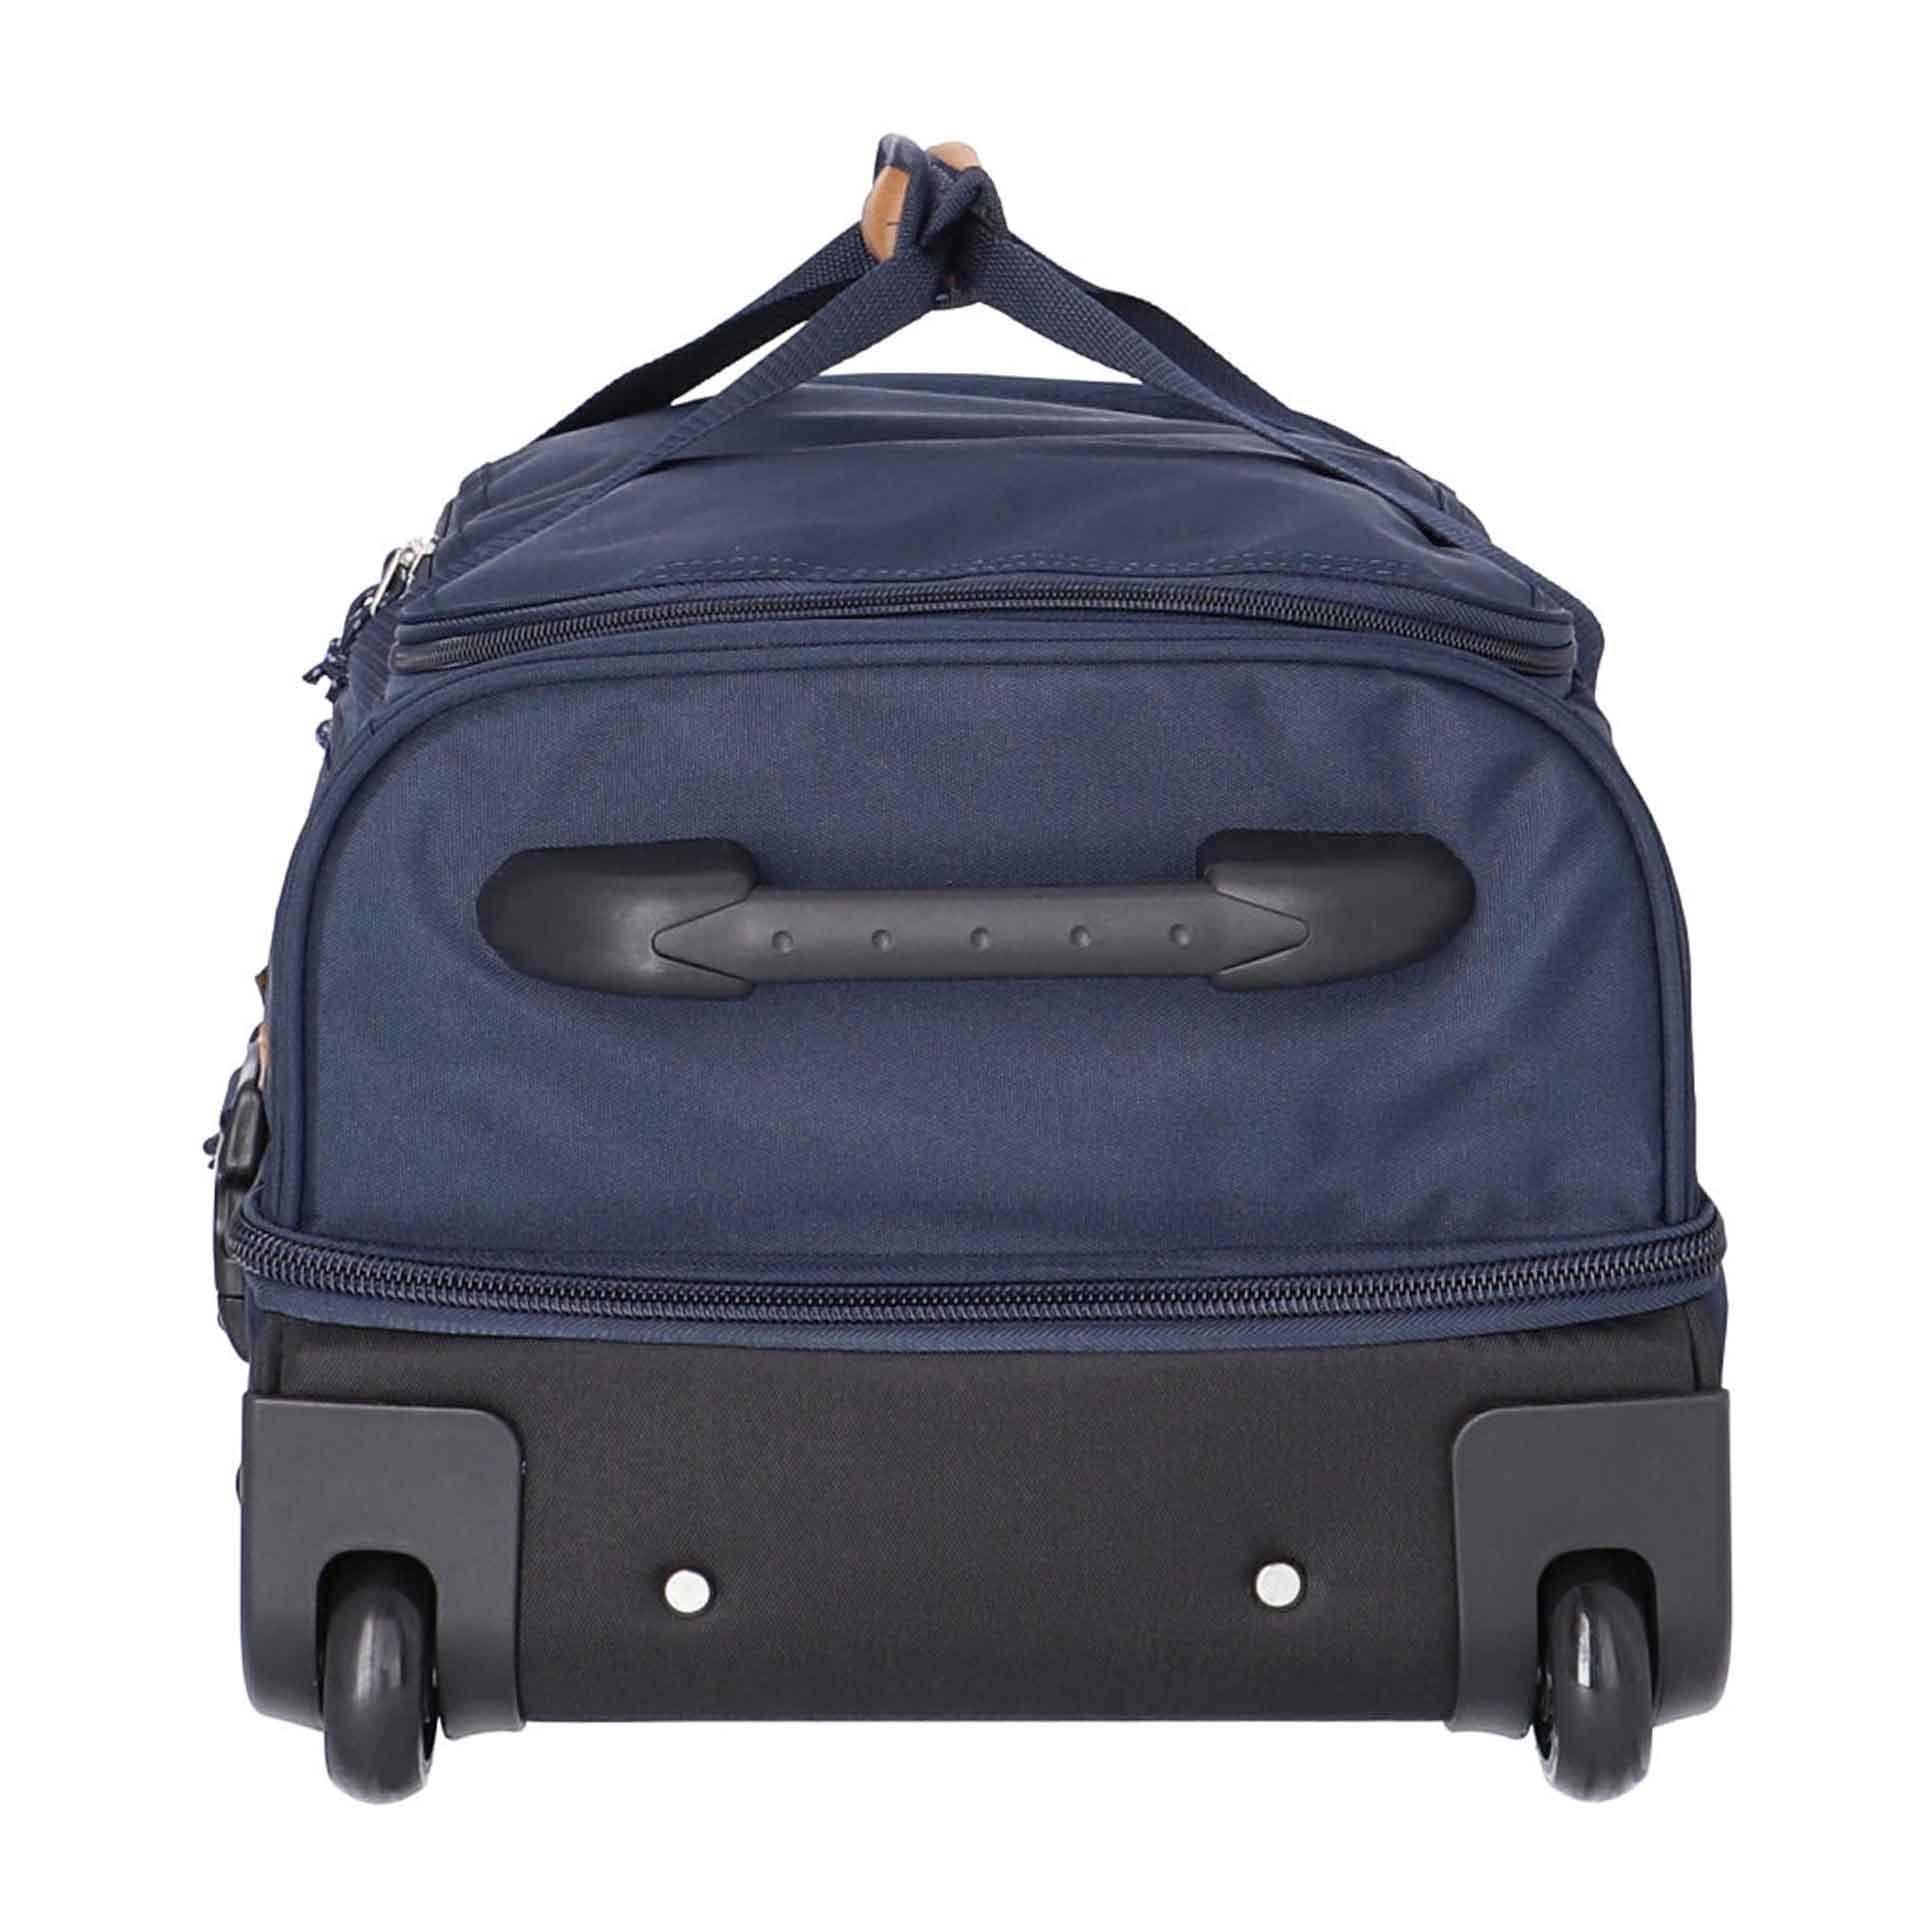 American Tourister Alltrail Reisetasche mit Rollen 55 cm navy